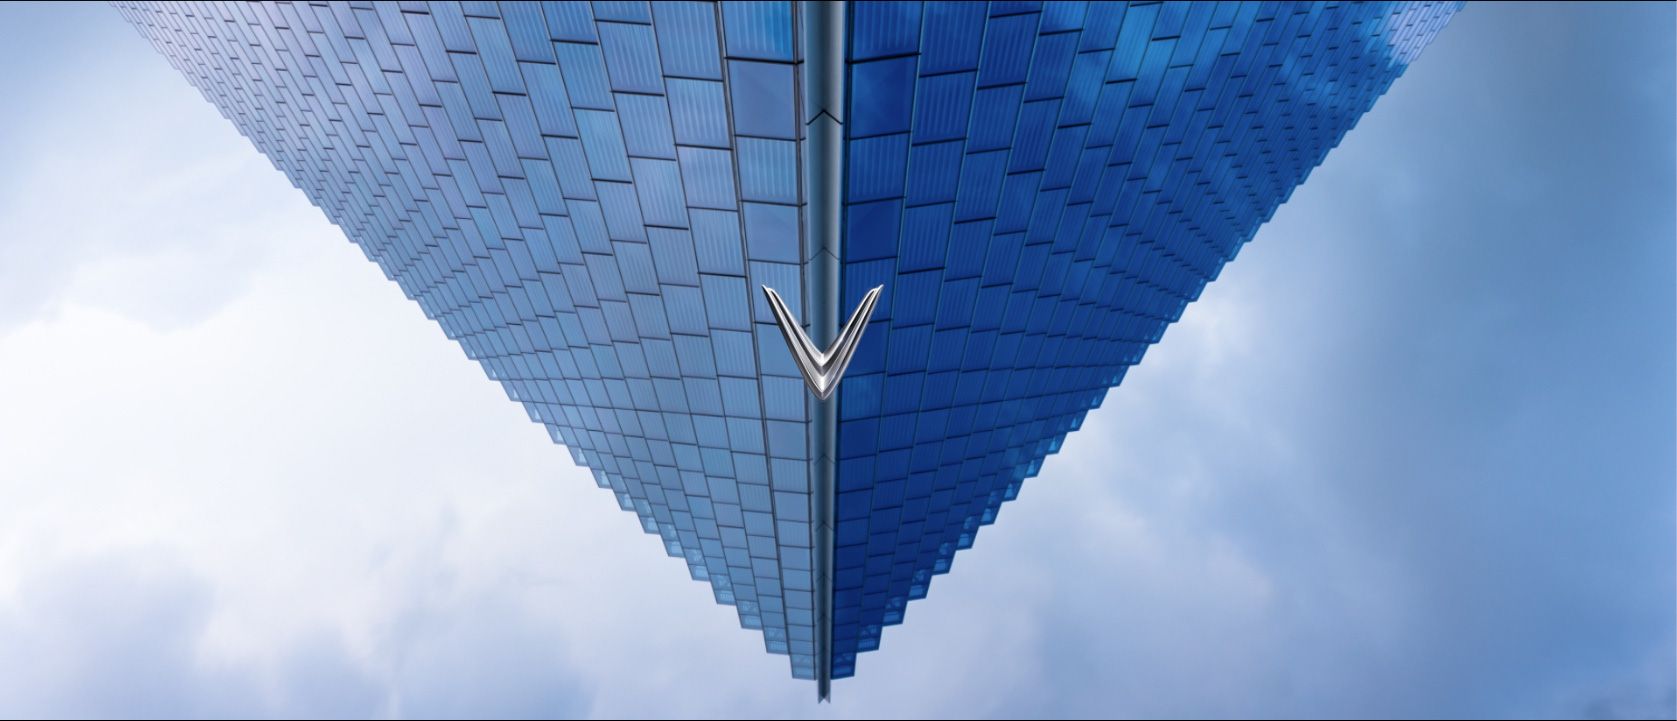 Hãng truyền thông số 1 thế giới AKQA phá vỡ tiền lệ vì VinFast - Ảnh 4.